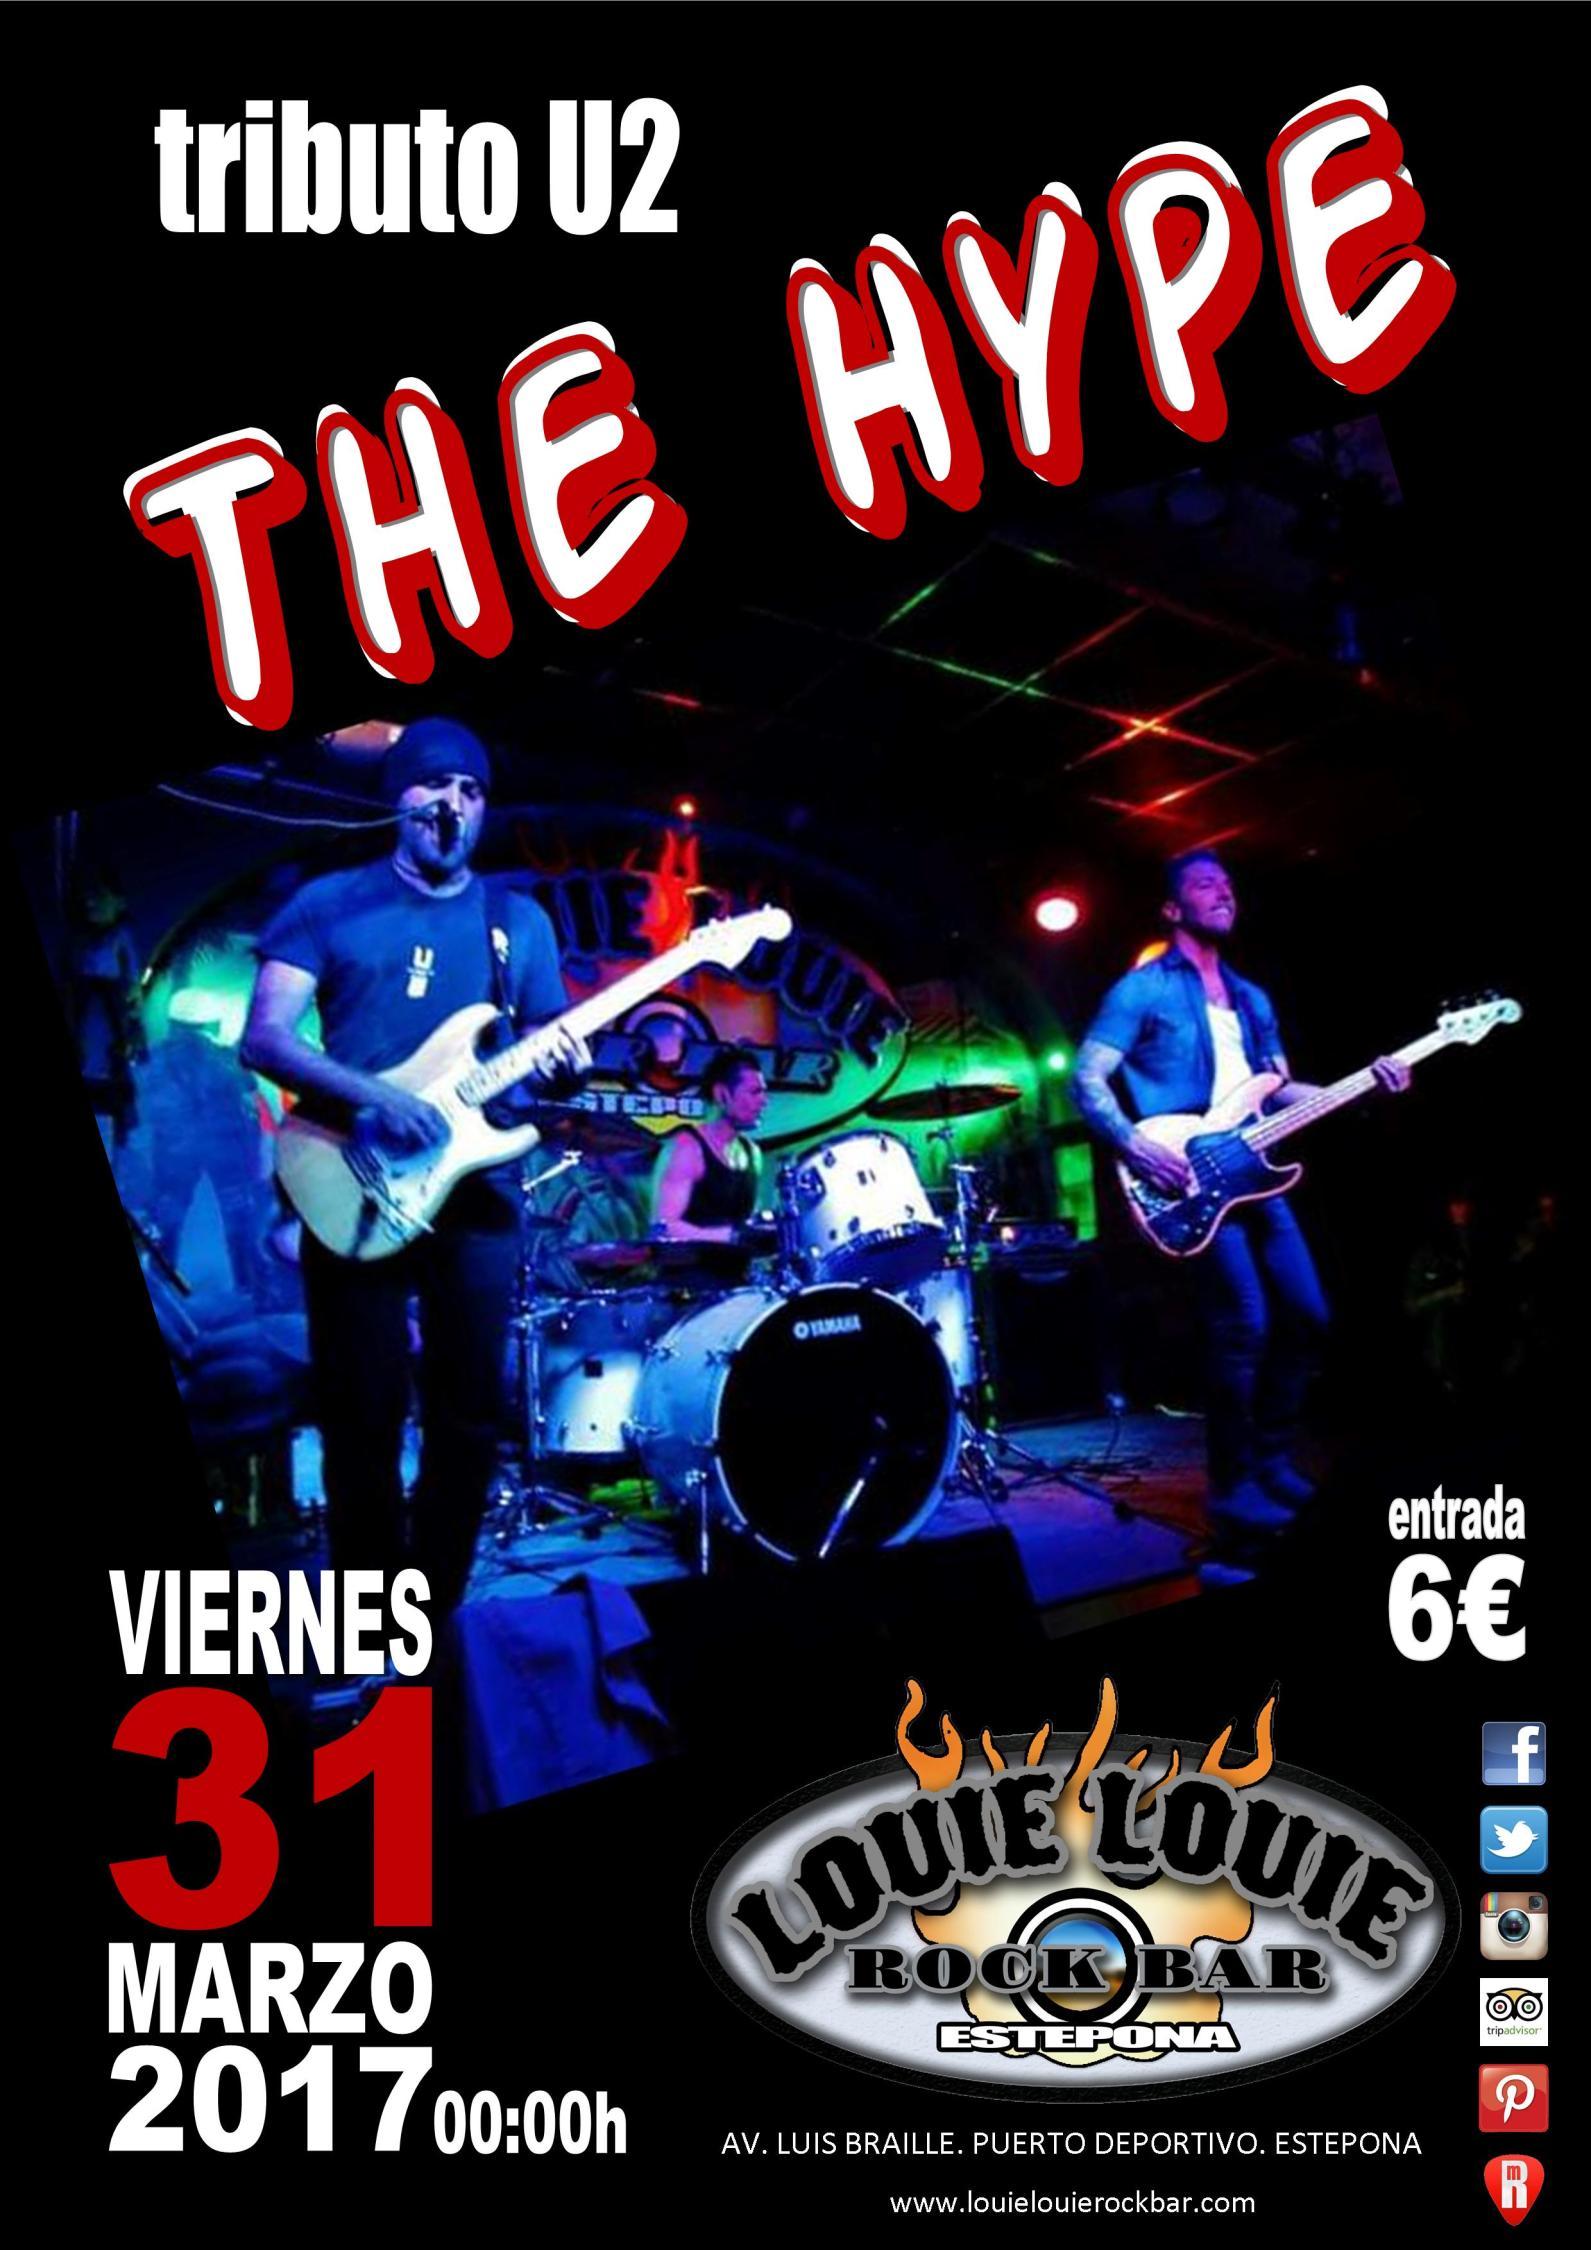 Cartel anunciando el concierto de The Hype